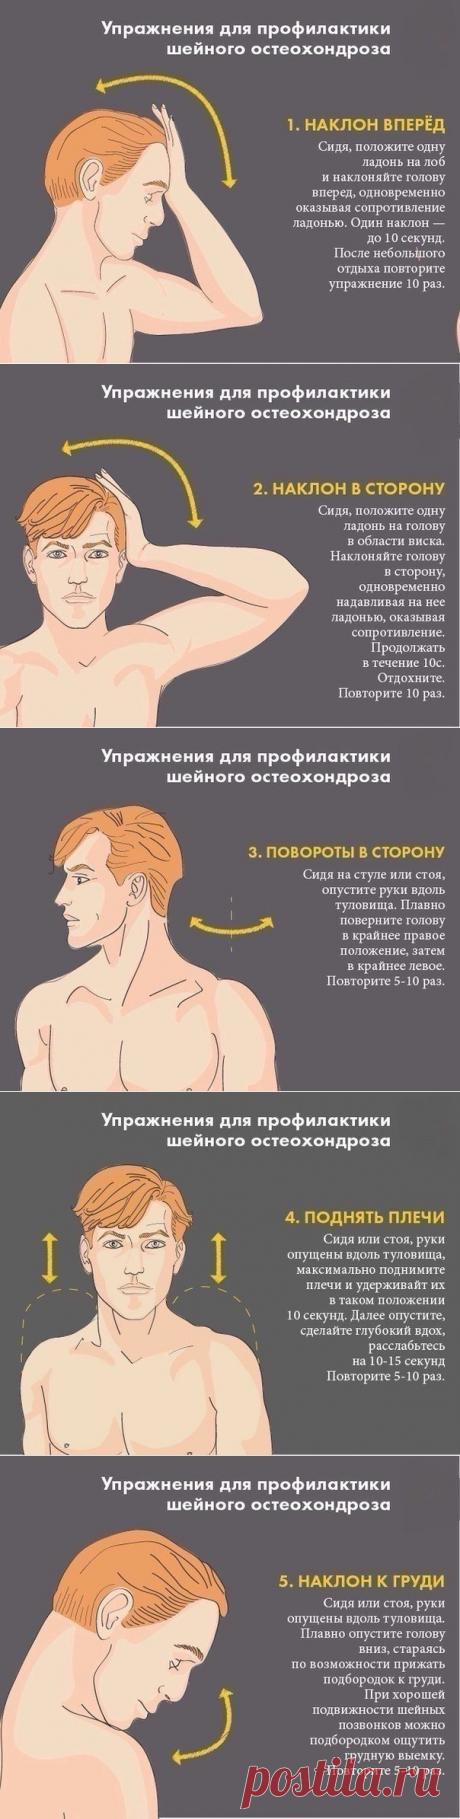 Упражнения для профилактики шейного остеохондроза — СОВЕТНИК